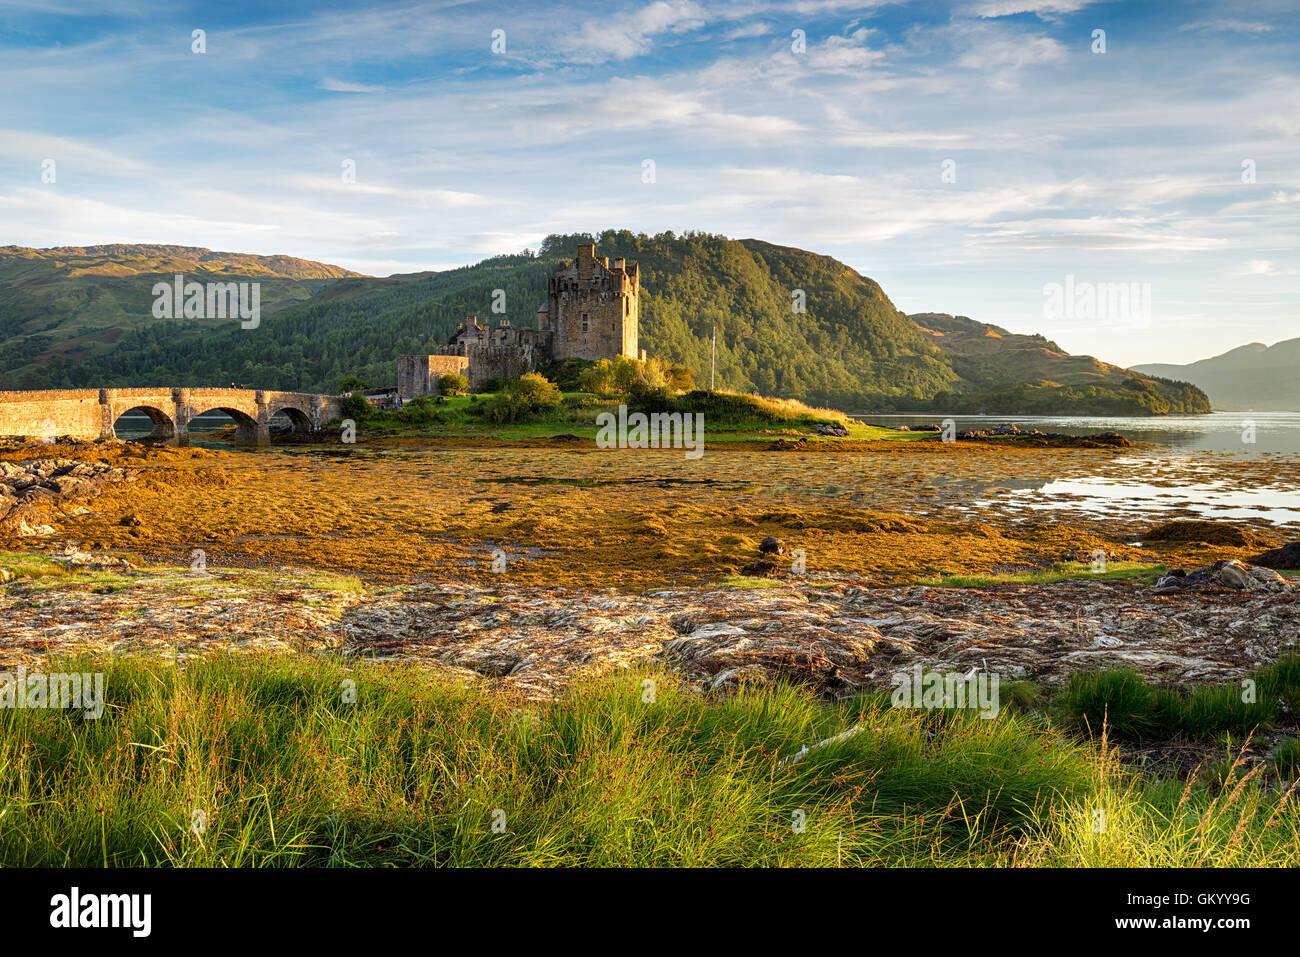 Am Abend Sonnenlicht auf der Burg Eilean Donan in den westlichen Highlands von Schottland Stockbild